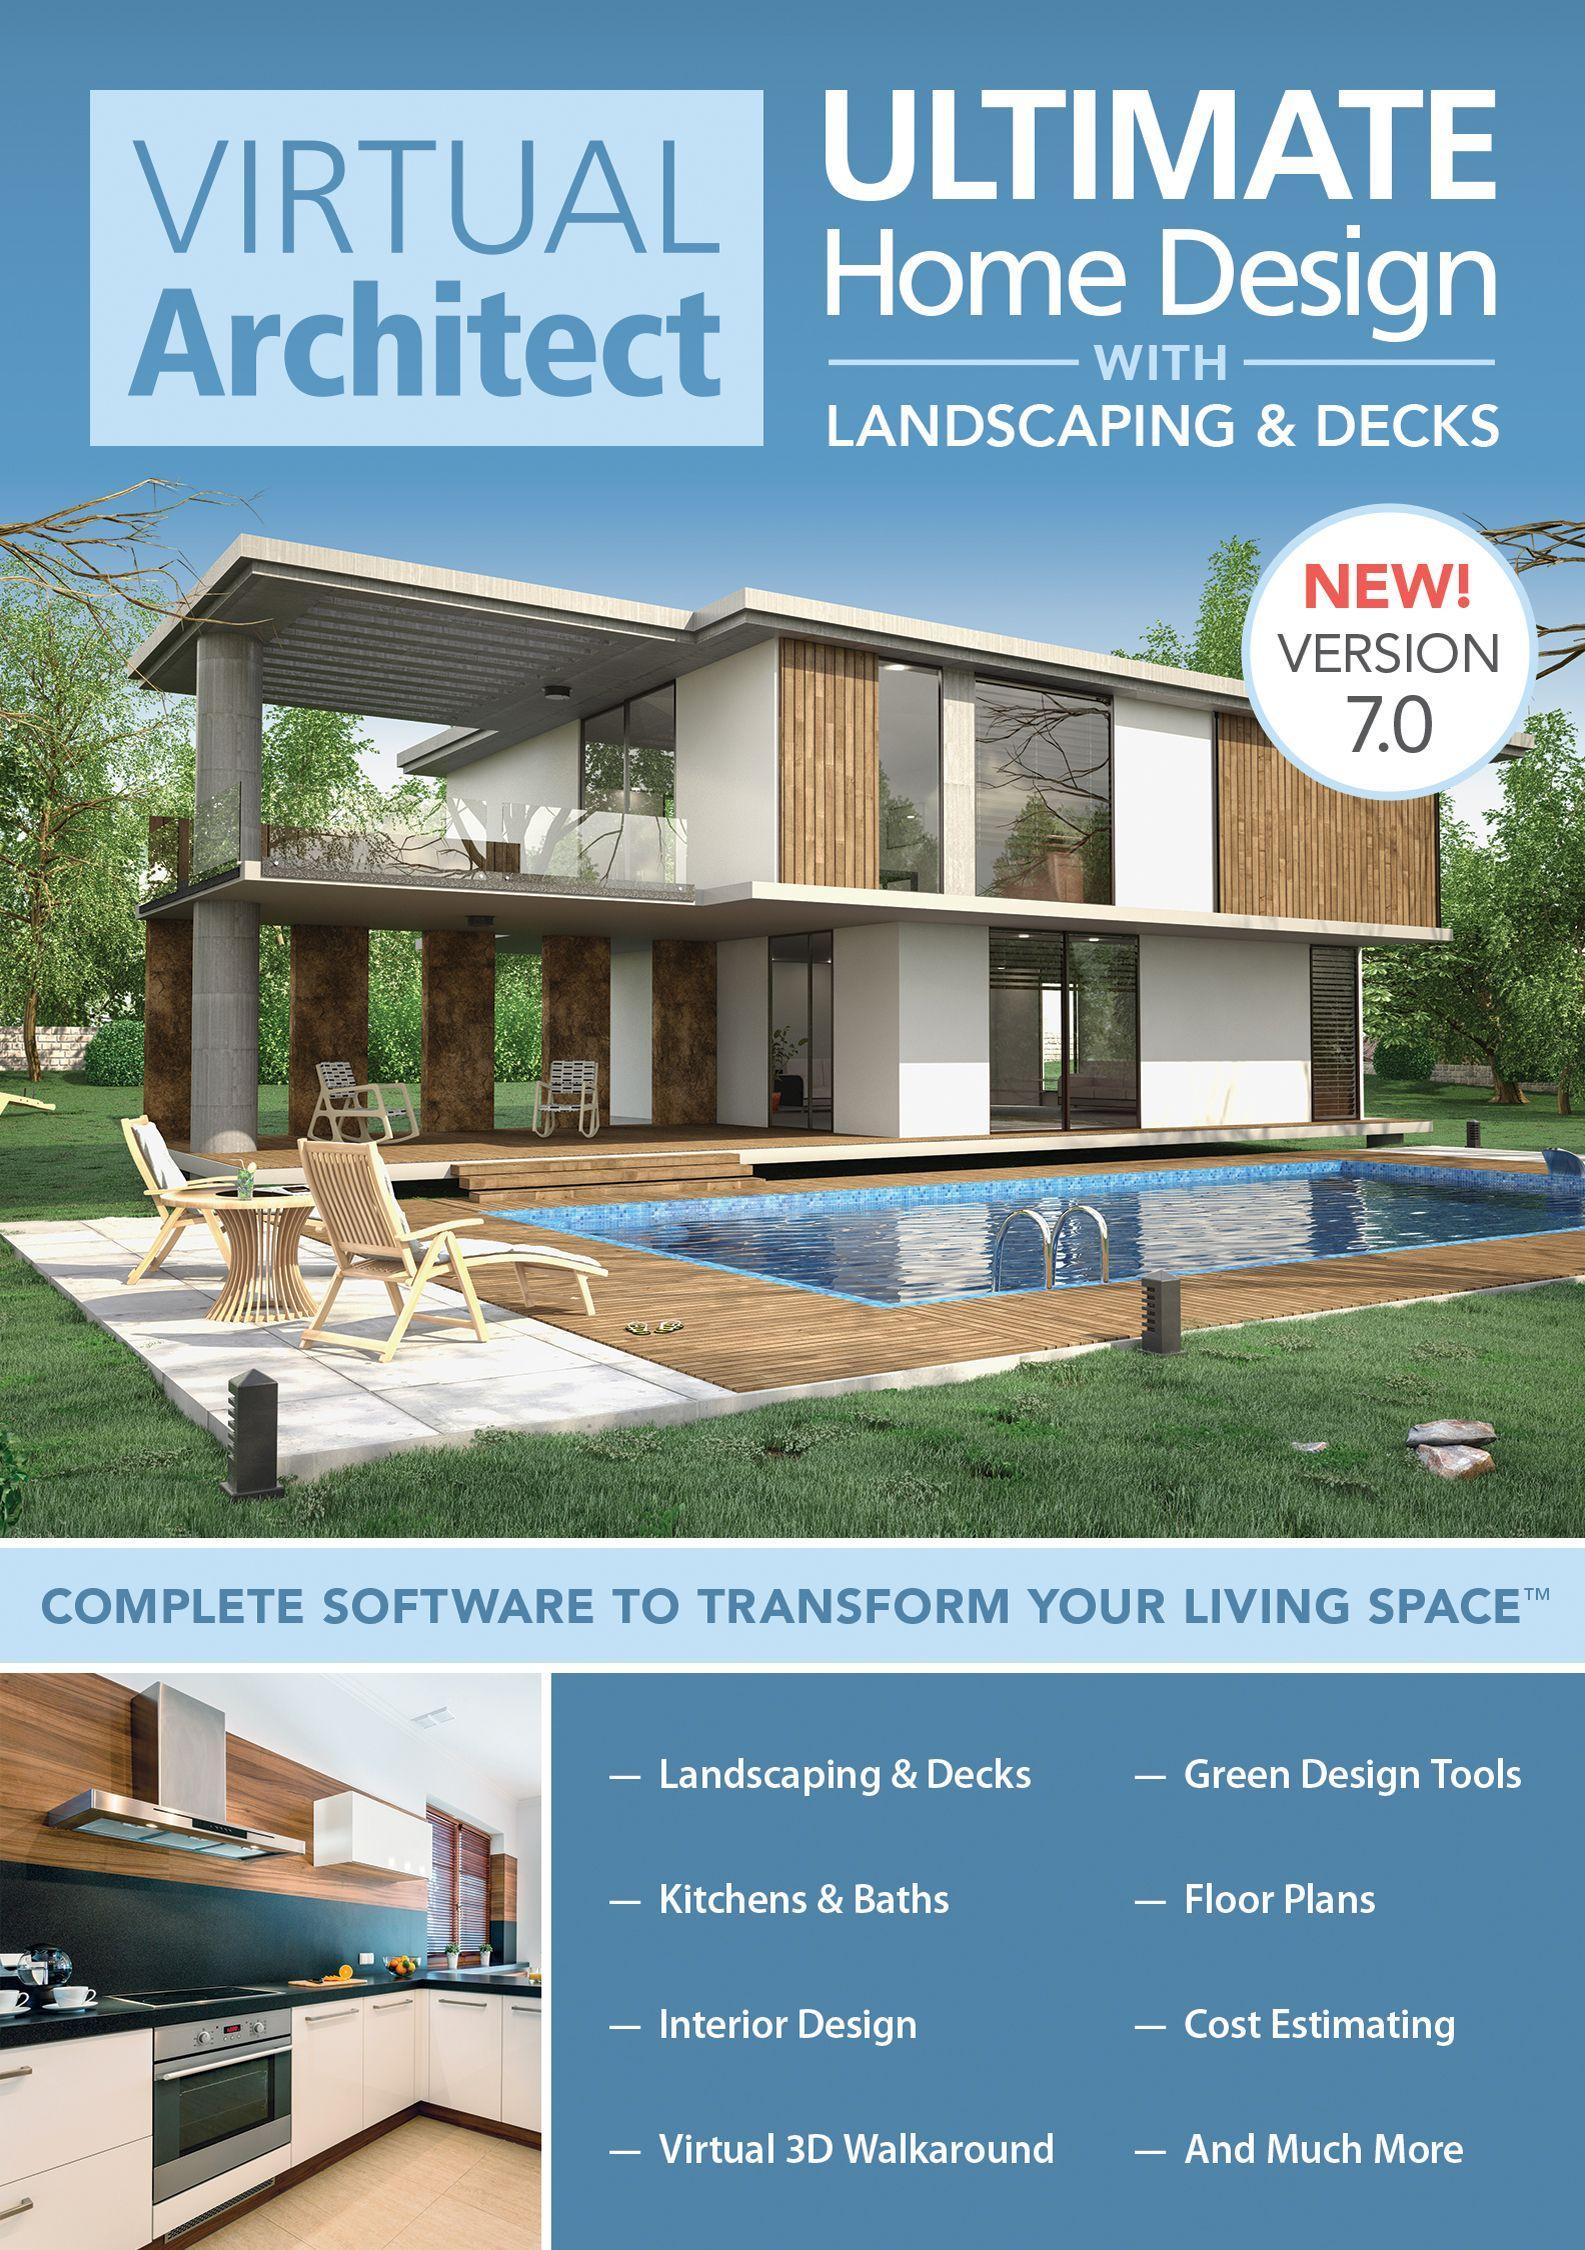 Kitchendesignsoftwareforwindows7 Best Home Design Software Home Design Software House Design